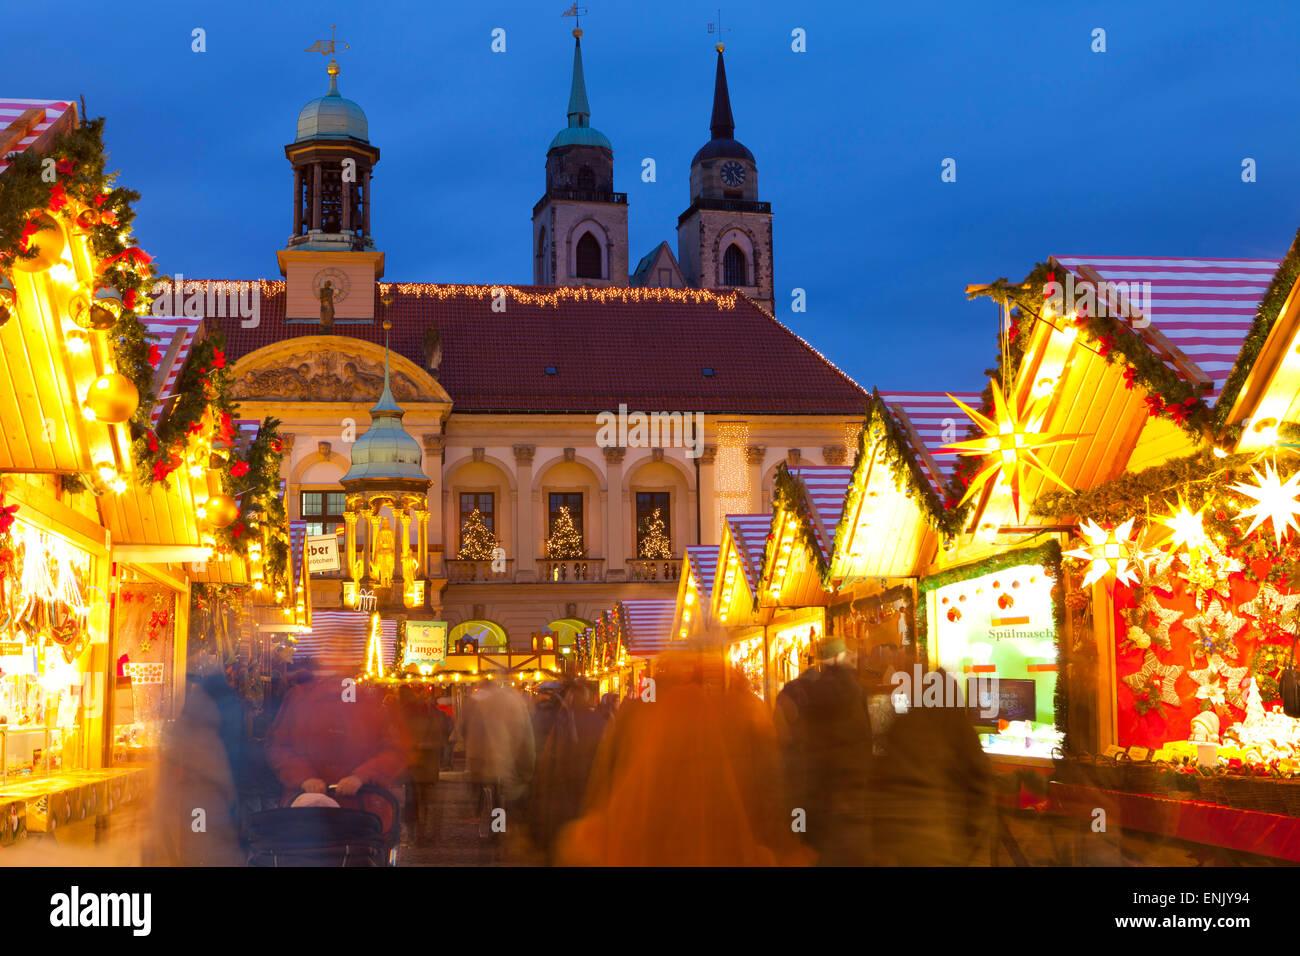 Weihnachtsmarkt in der AlterMarkt mit dem barocken Rathaus im Hintergrund, Magdeburg, Sachsen-Anhalt, Deutschland, Stockbild